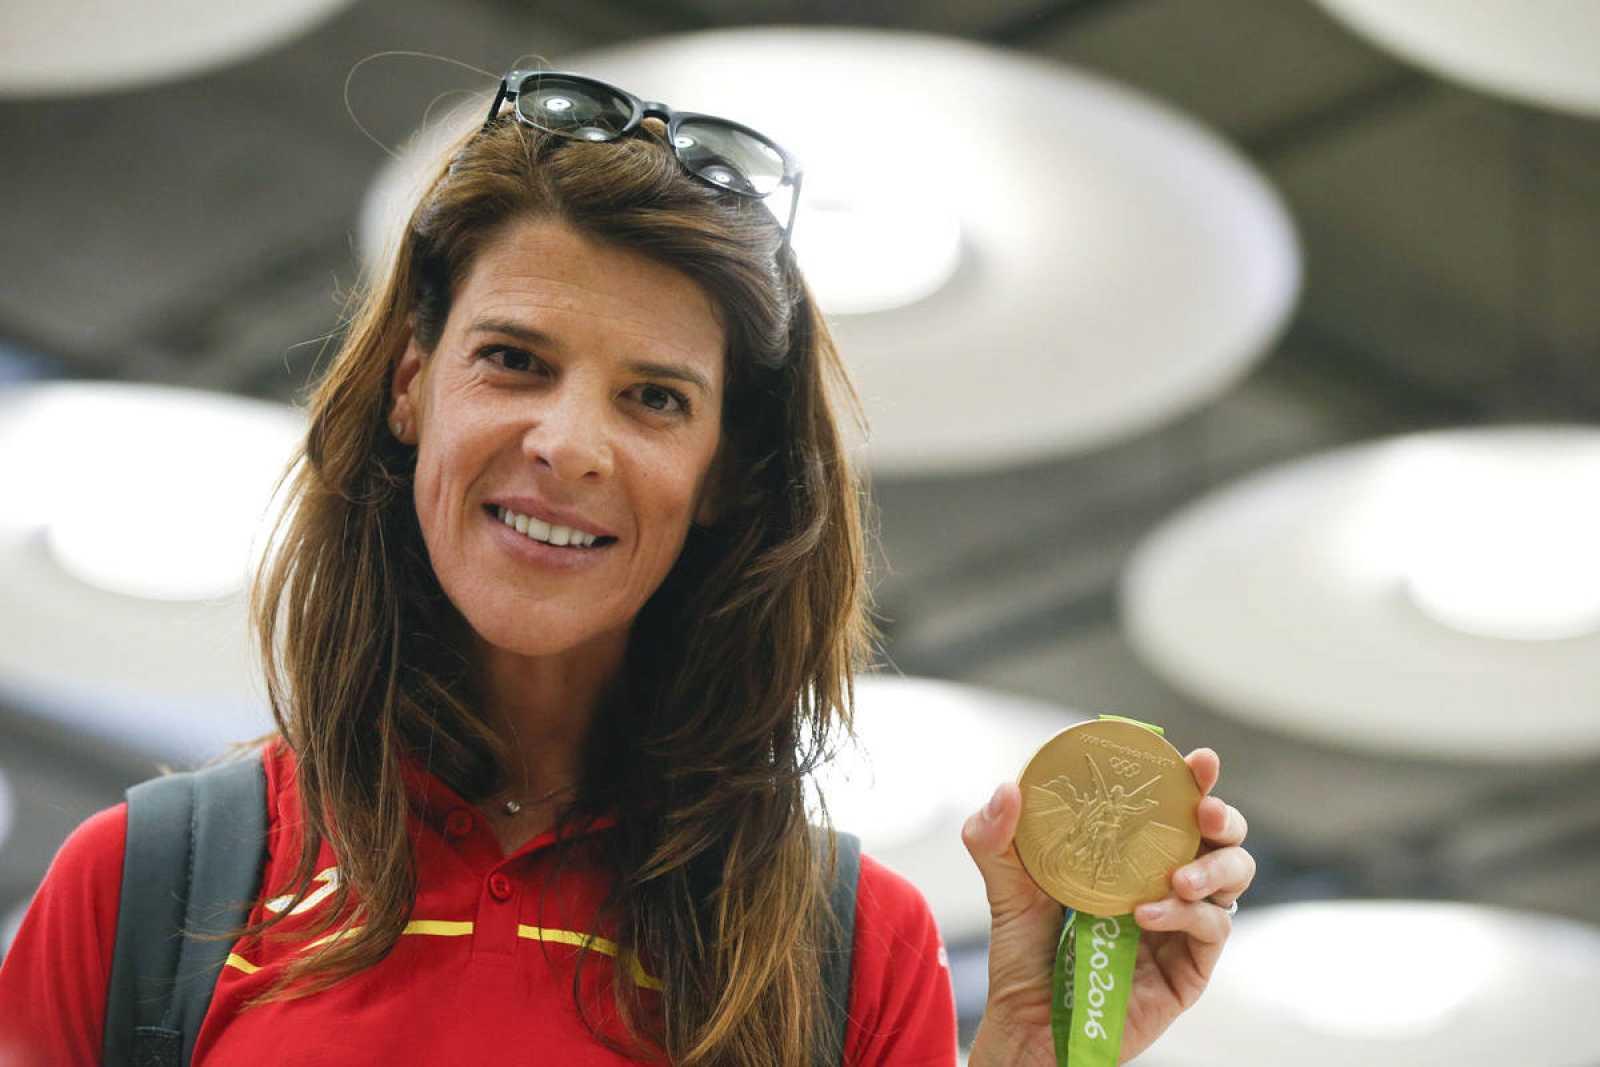 La campeona olímpica en salto de altura Ruth Beitia, a su llegada al Aeropuerto Adolfo Suárez Madrid - Barajas.